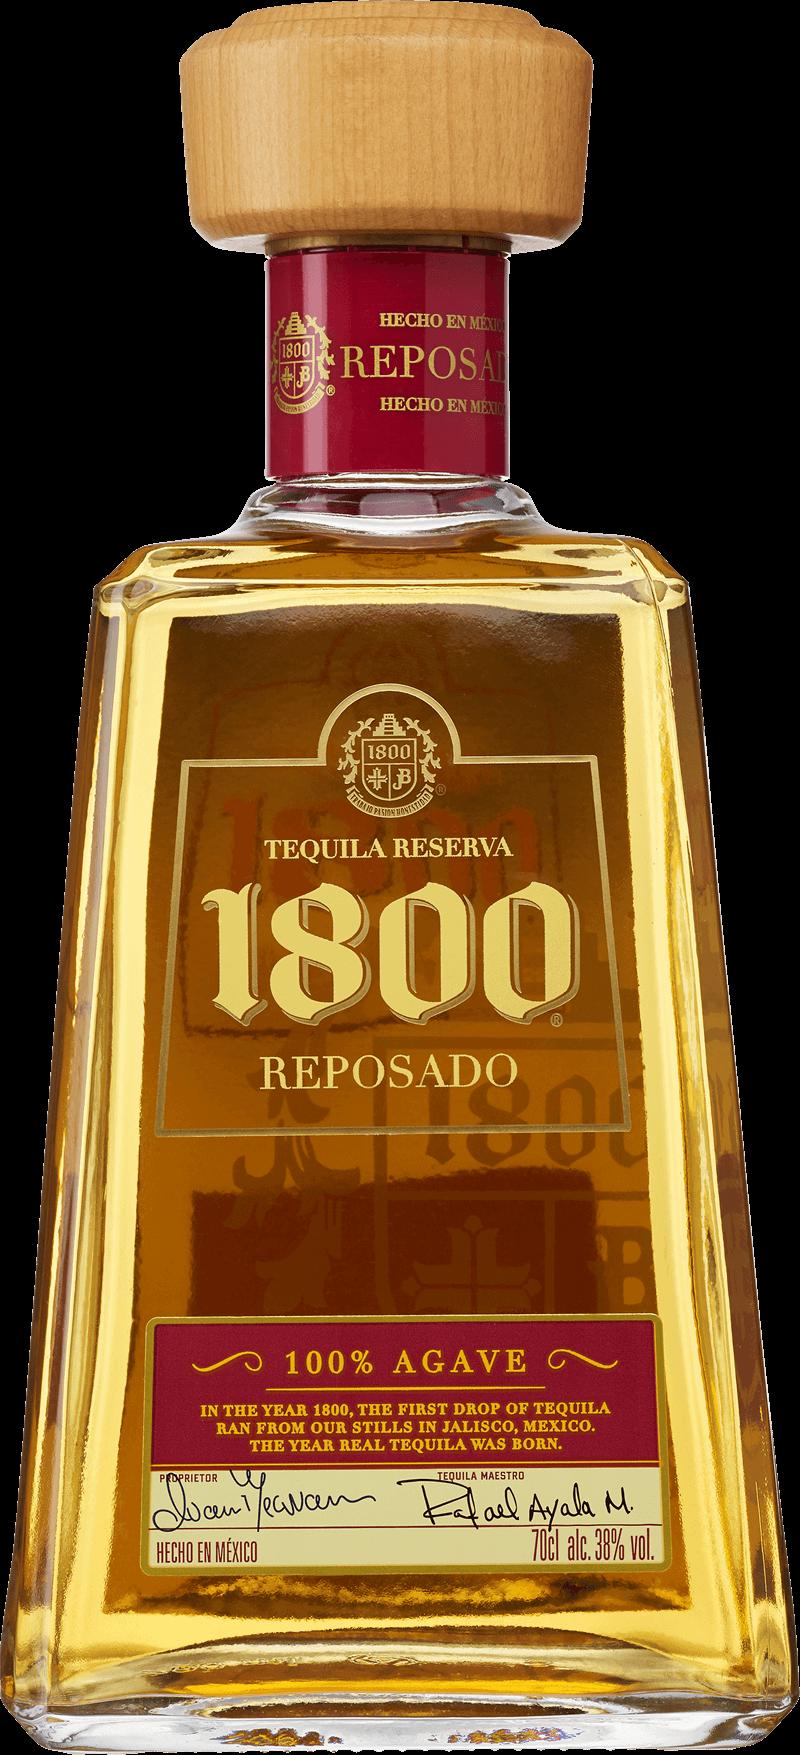 1800 Reposado . En Tequila och Mezcal av typen Tequila i en 700 Flaska från